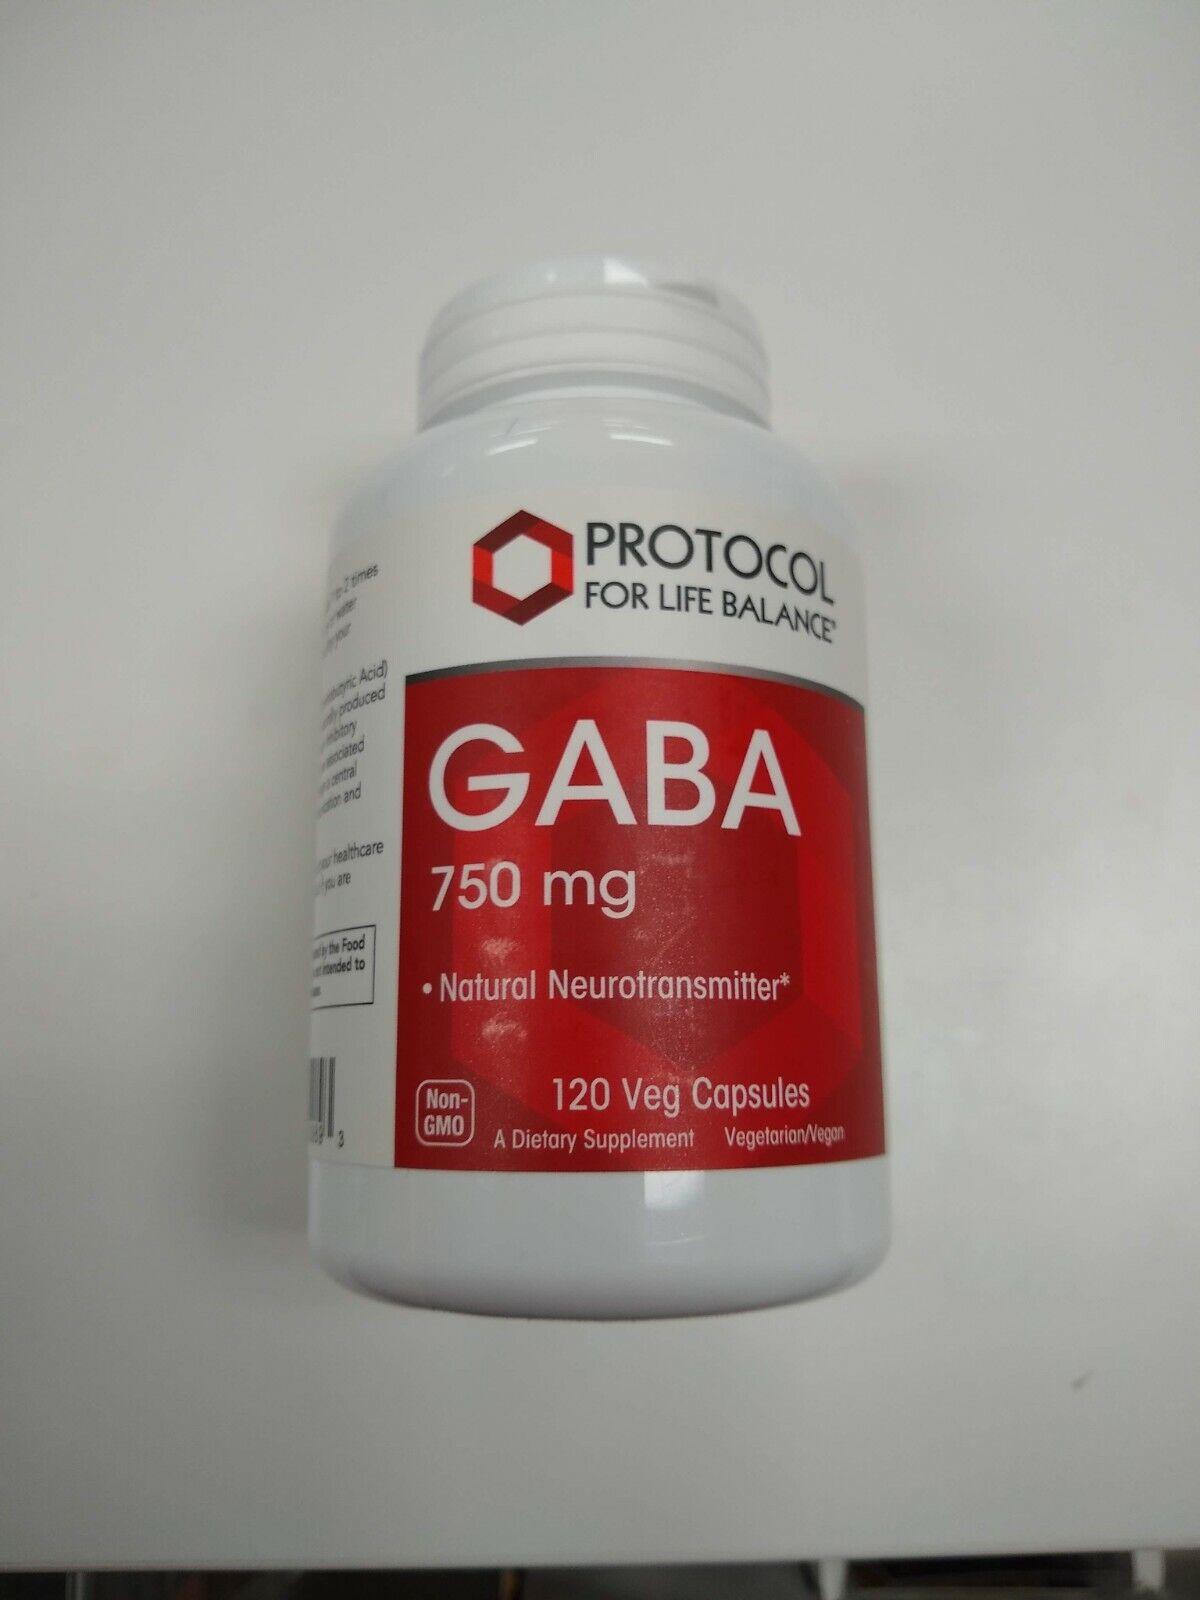 Protocol For Life Balance GABA 750mg 120 Capsules